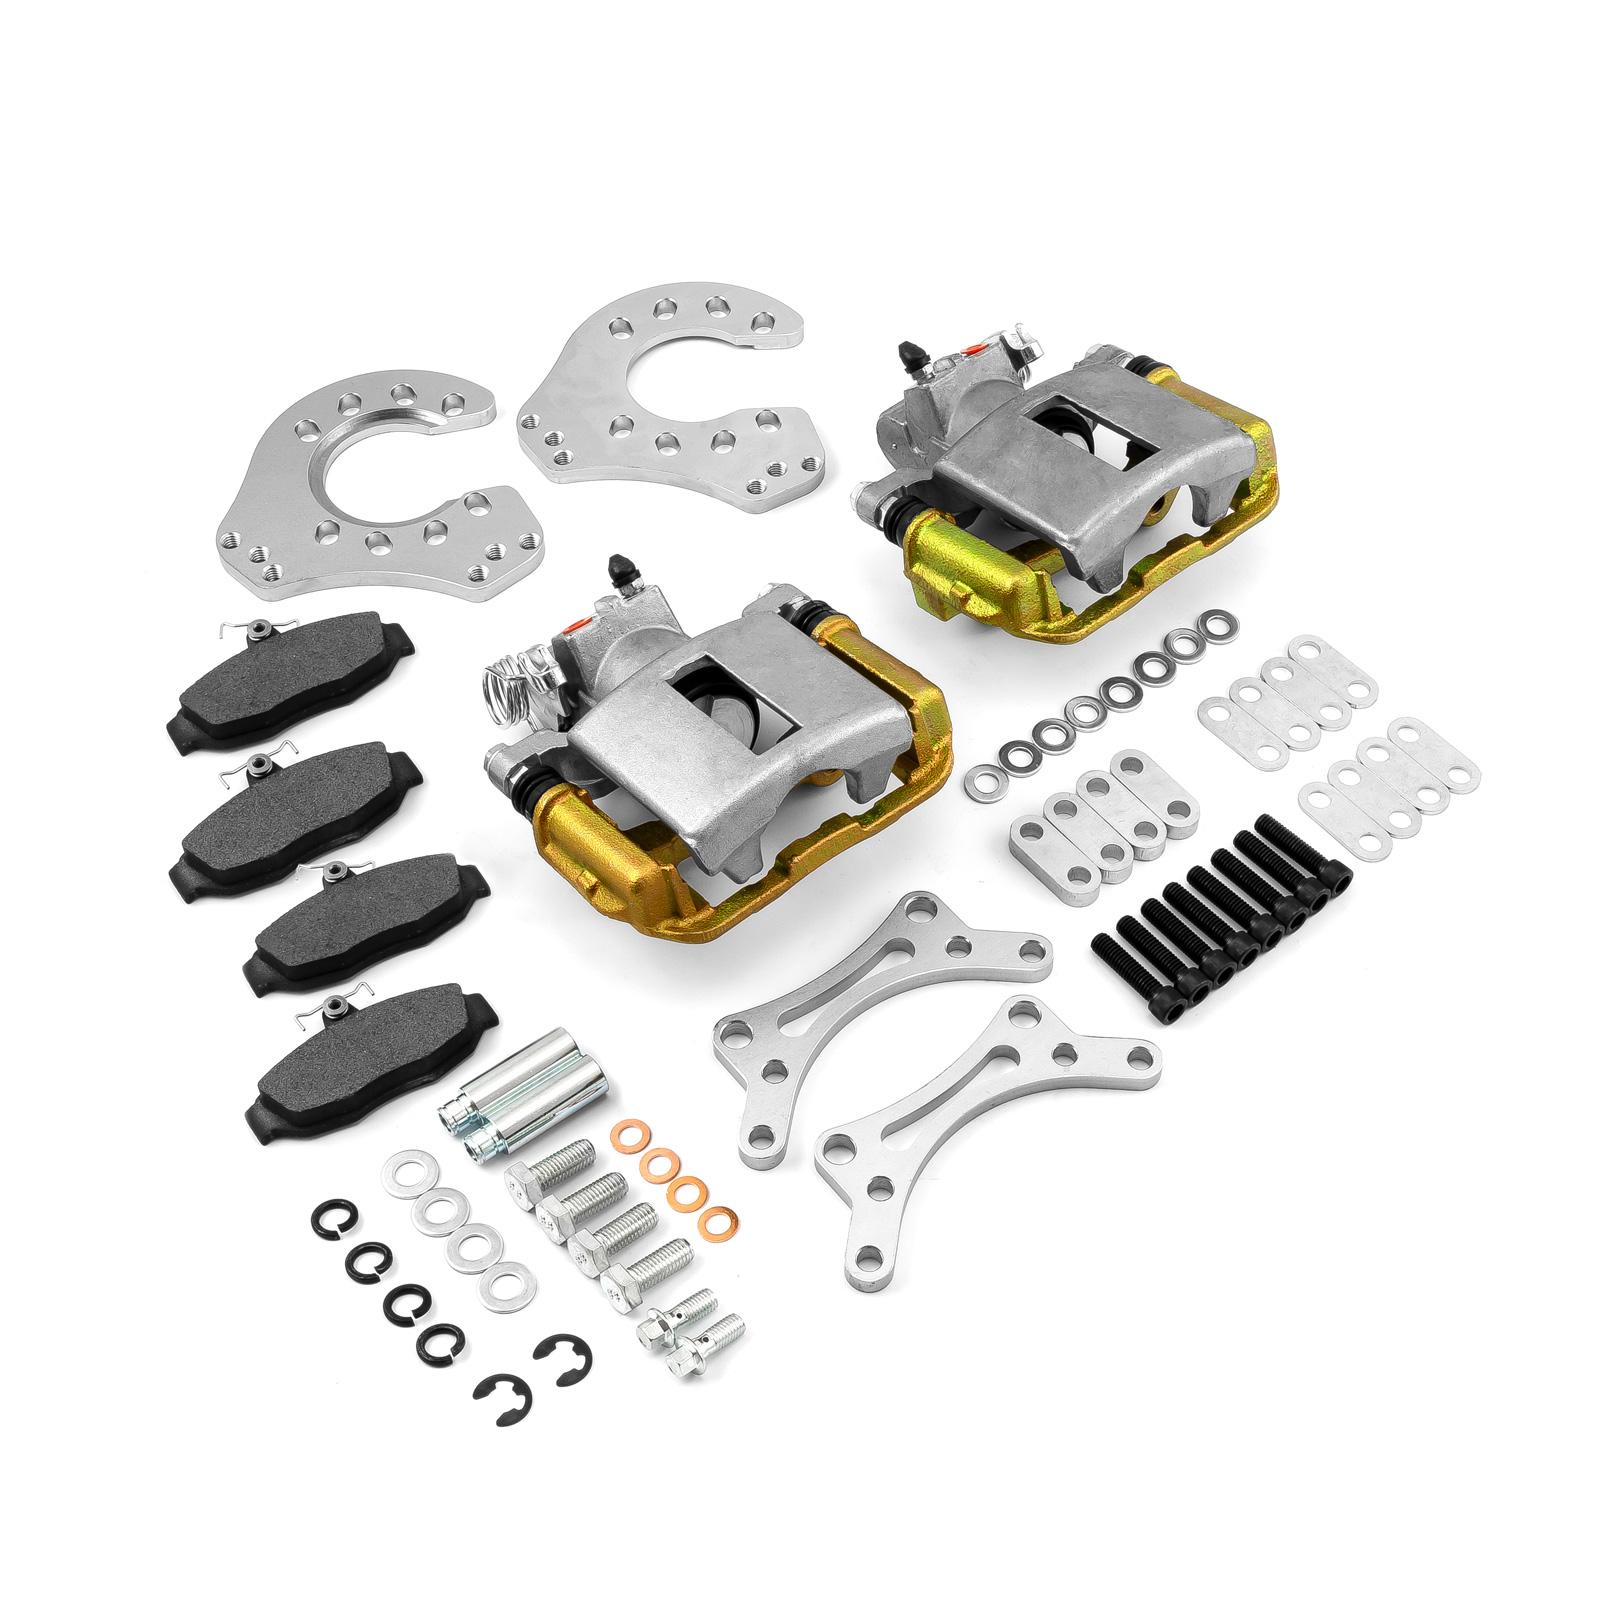 Universal Single Piston Rear Disc Brake Conversion Kit